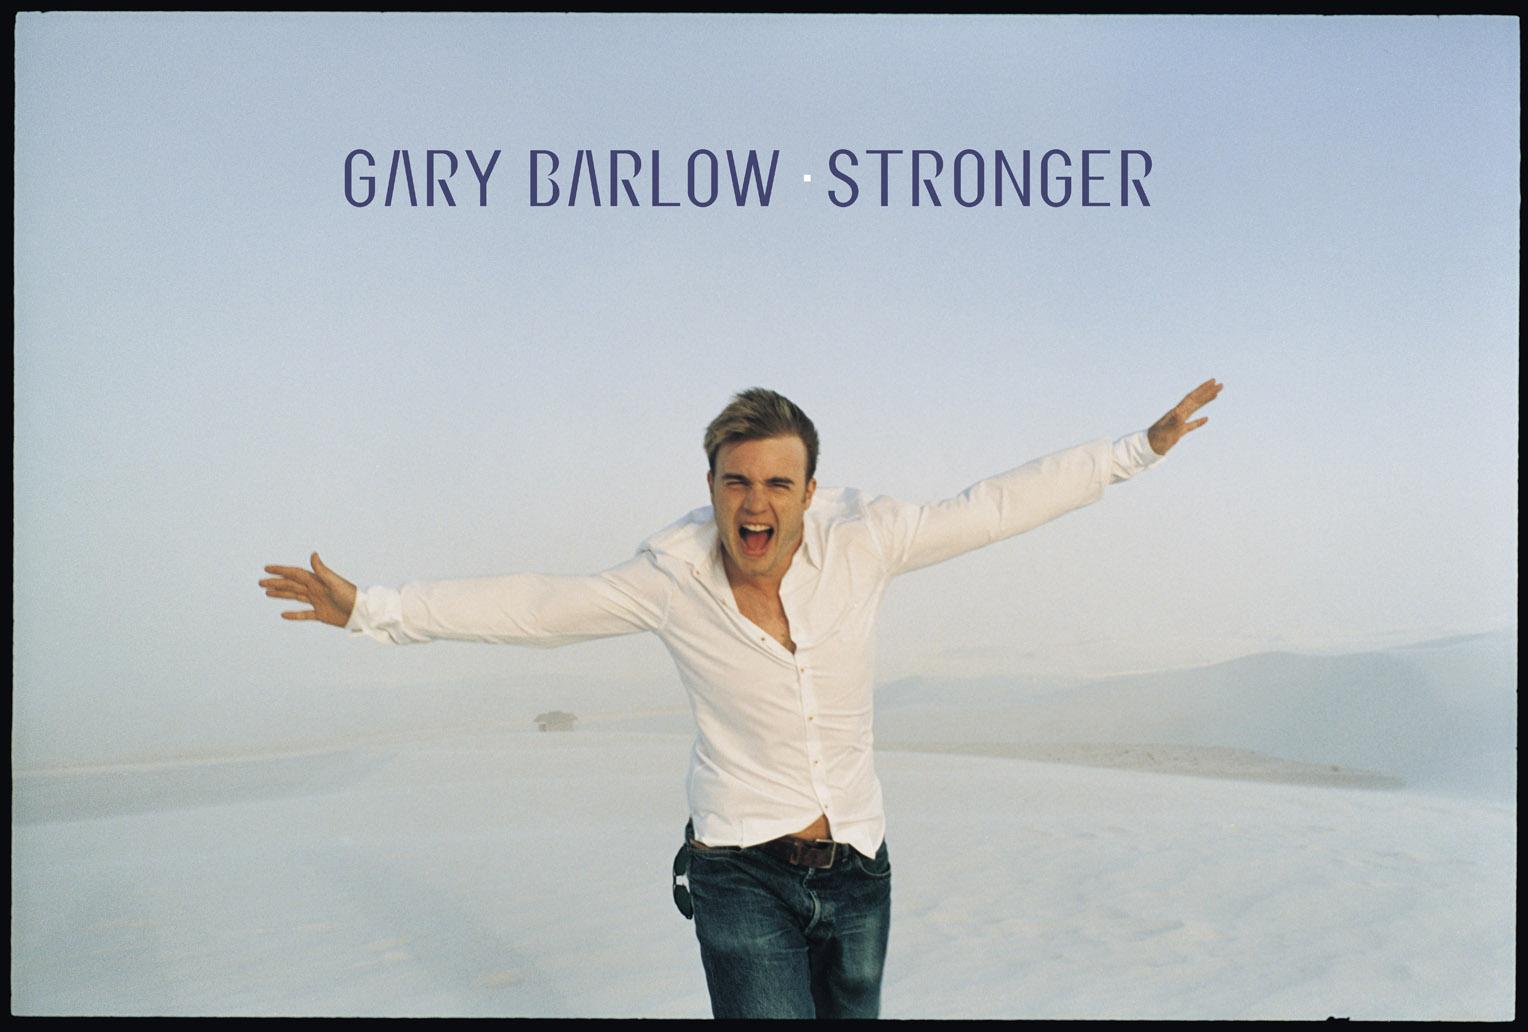 GaryBarlow_Stronger